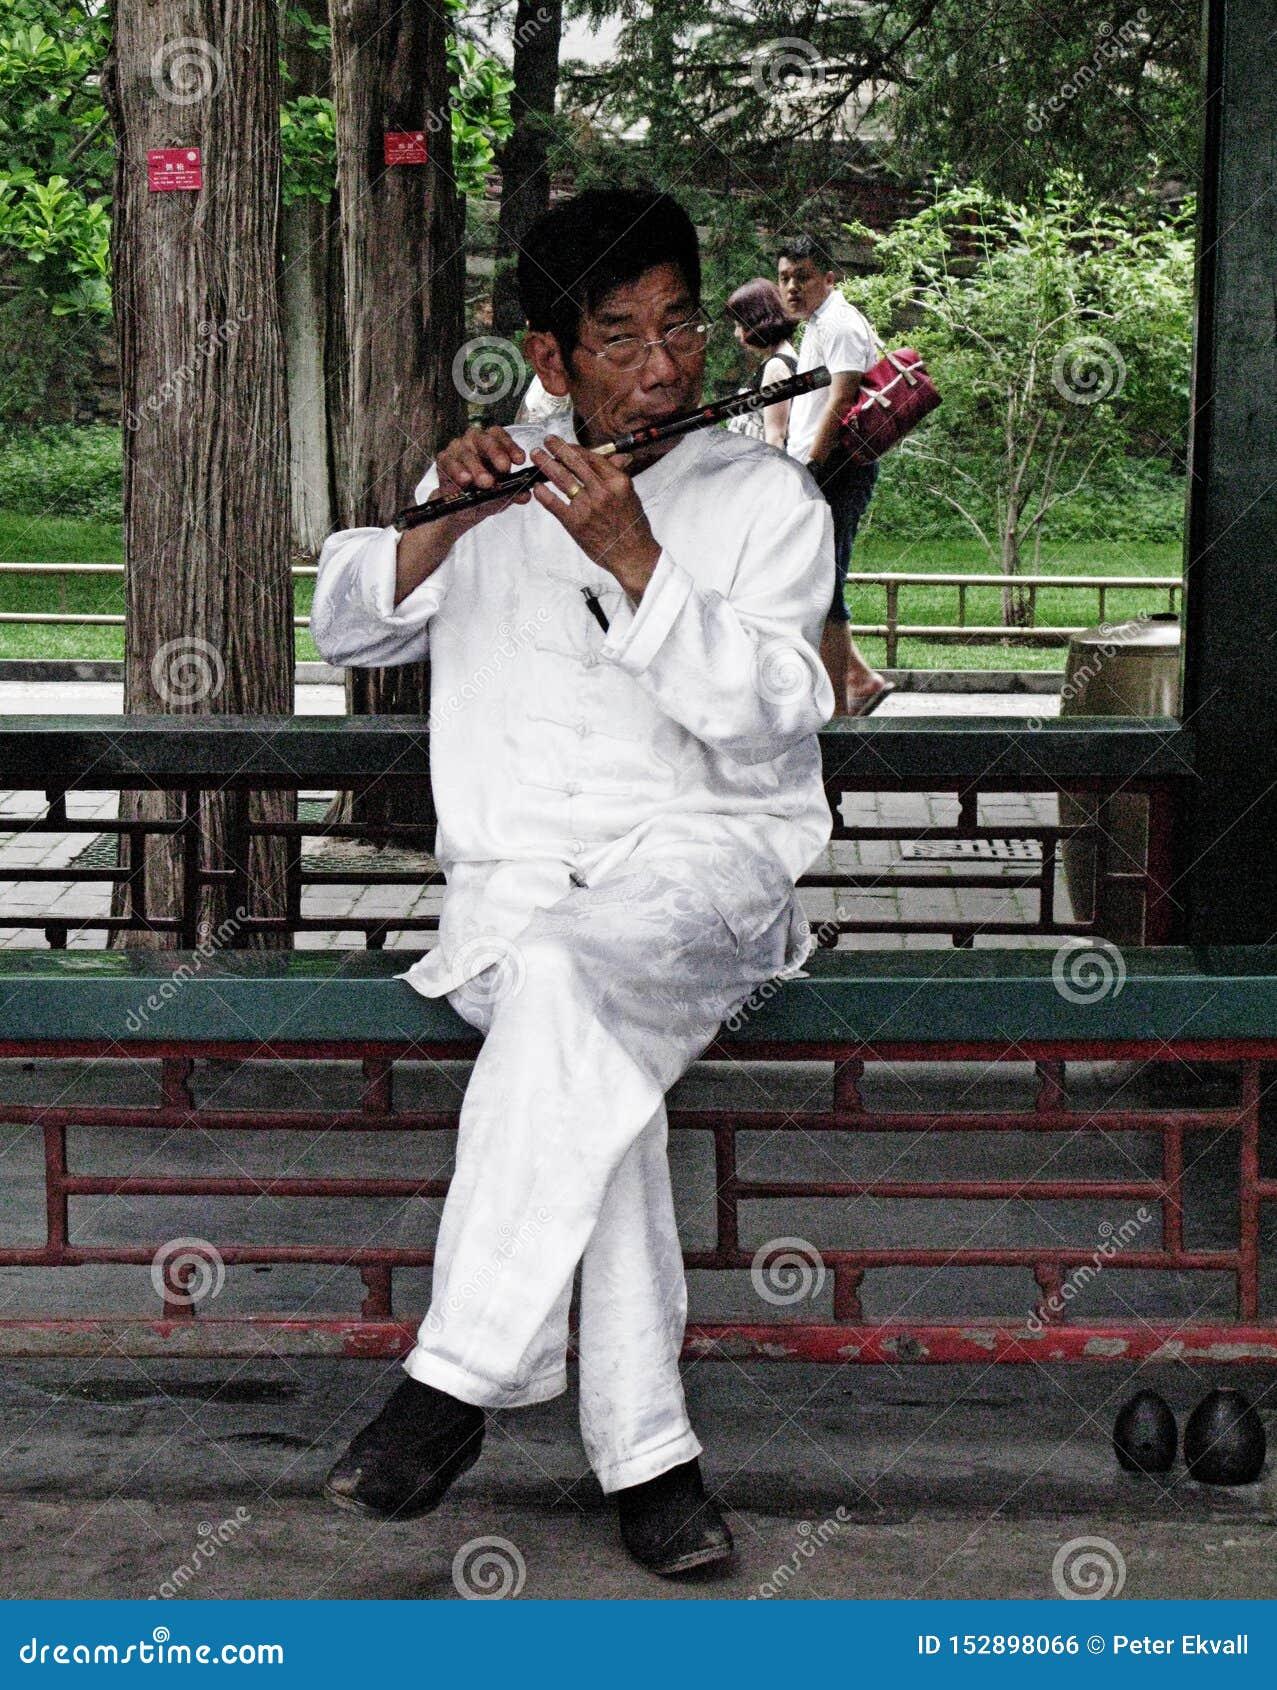 Un musicien de rue joue la cannelure traditionnelle